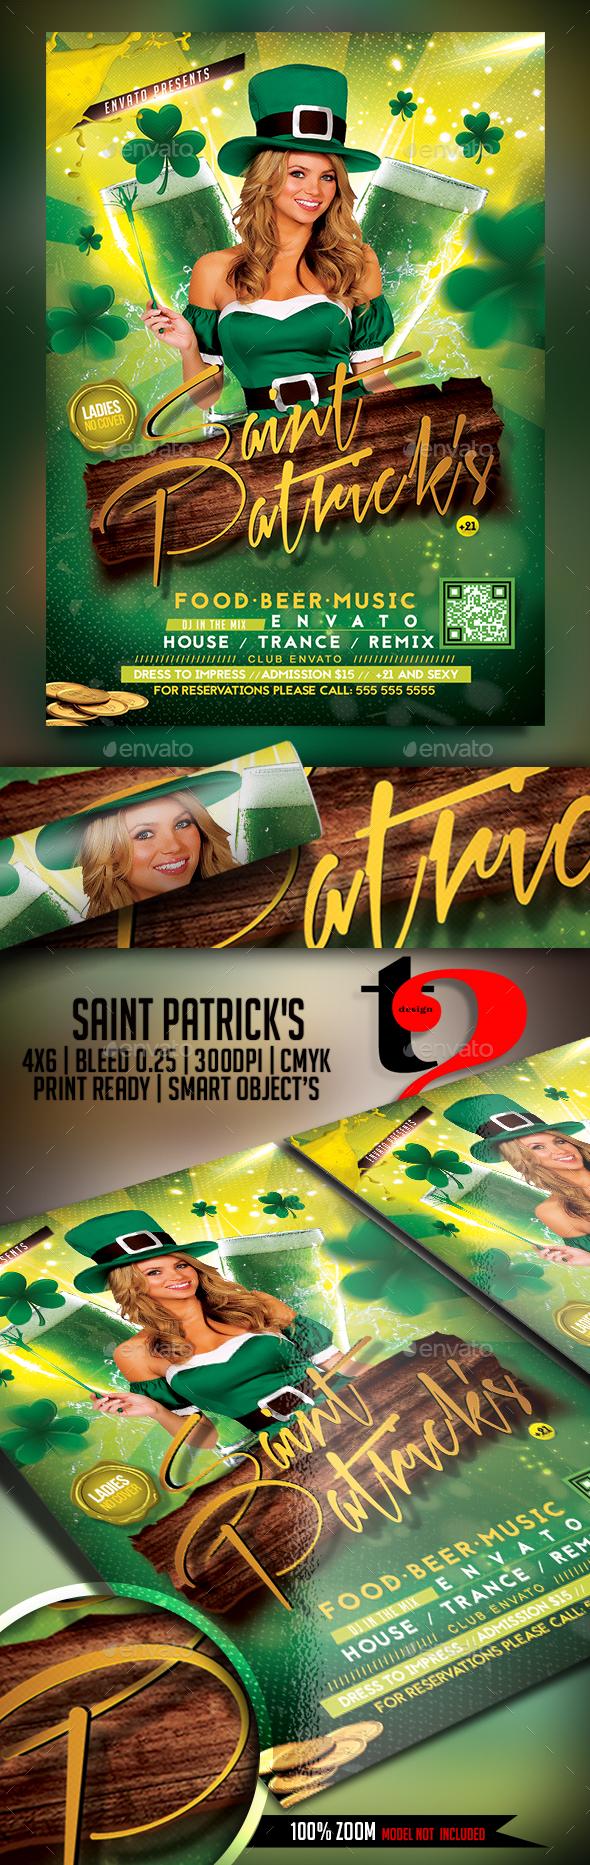 Saint Patrick's Party Flyer - Clubs & Parties Events